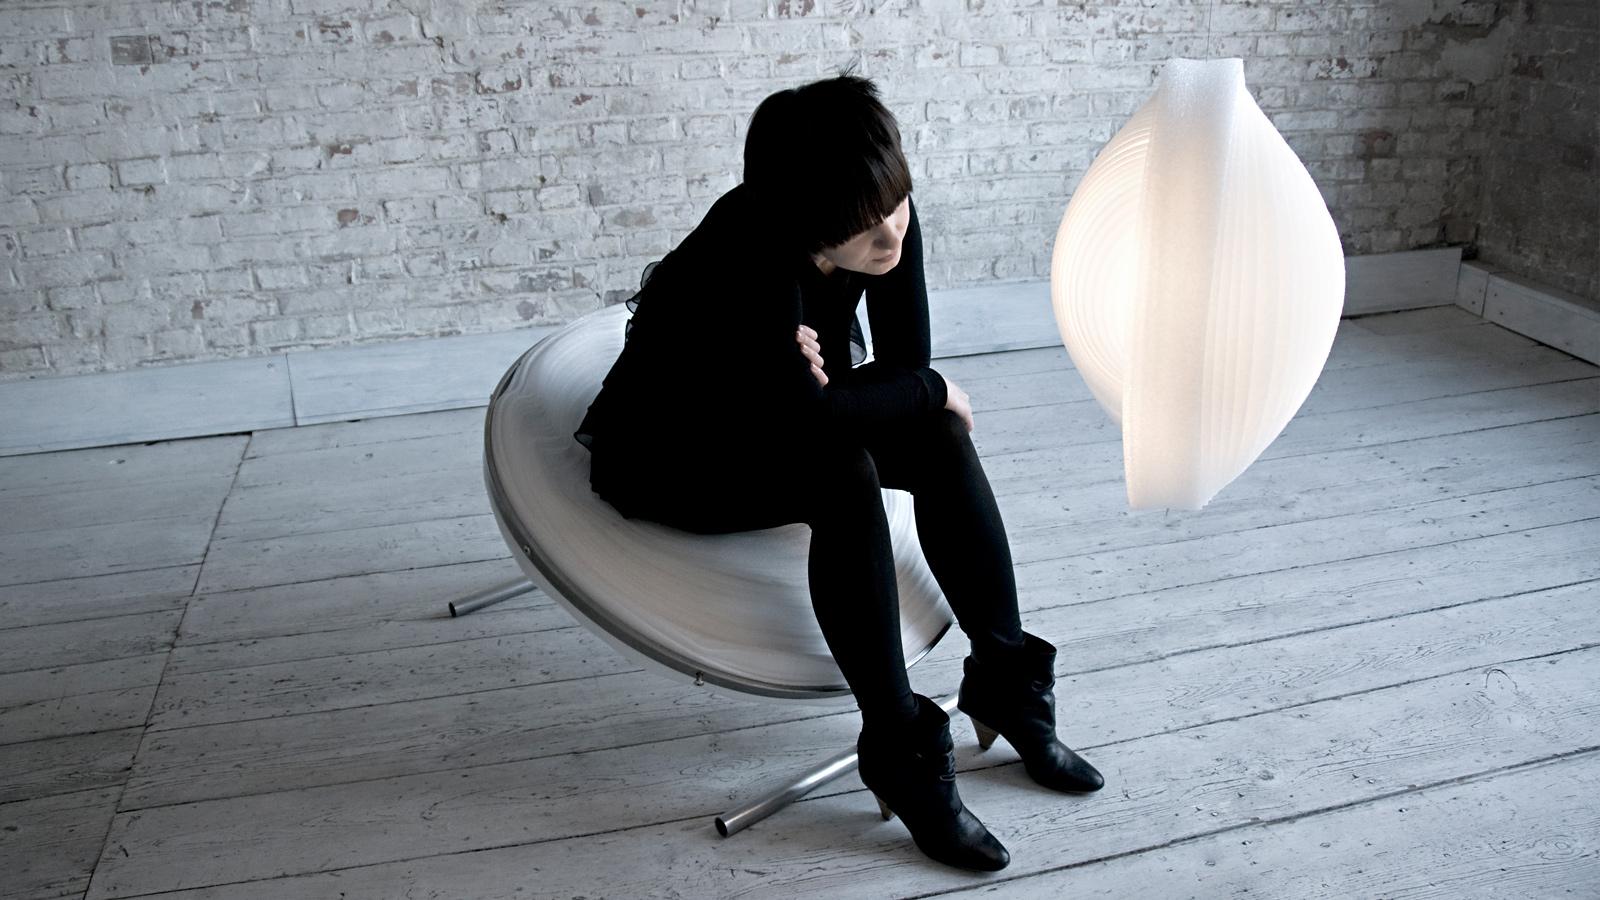 Lampa CEBULA, dyplomowy fotel pod taką samą nazwą i ich projektantka.